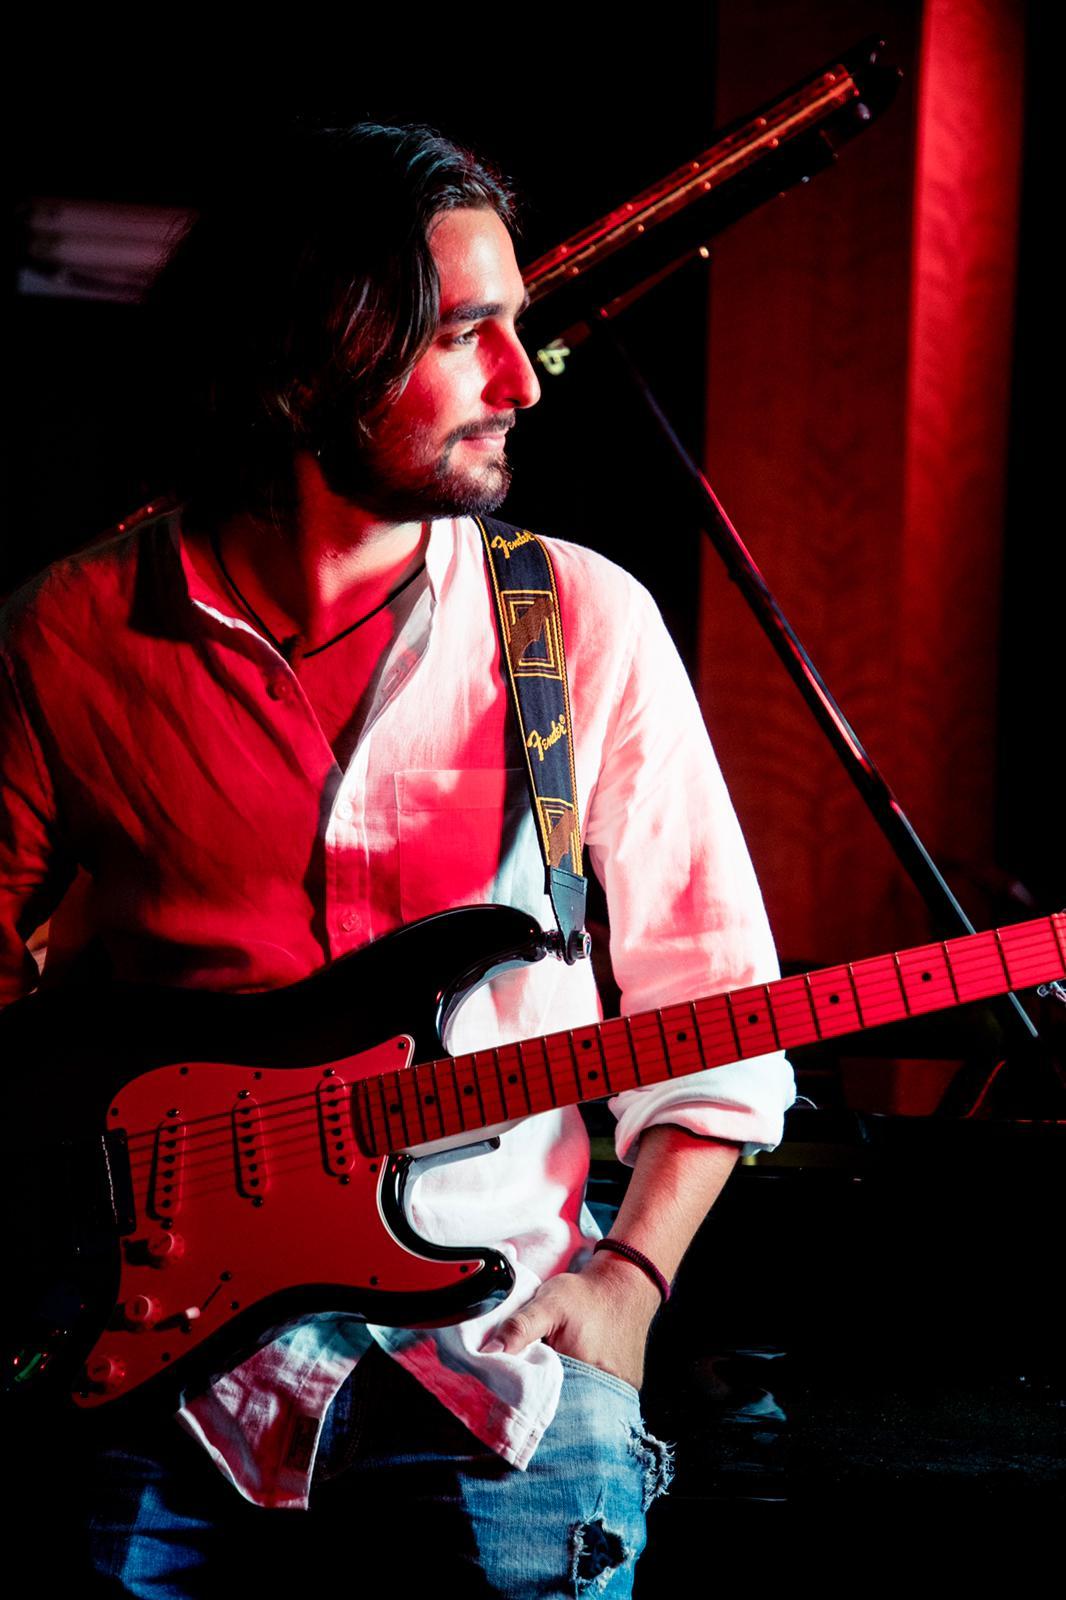 Emilio Esteban Guitarrista Productor